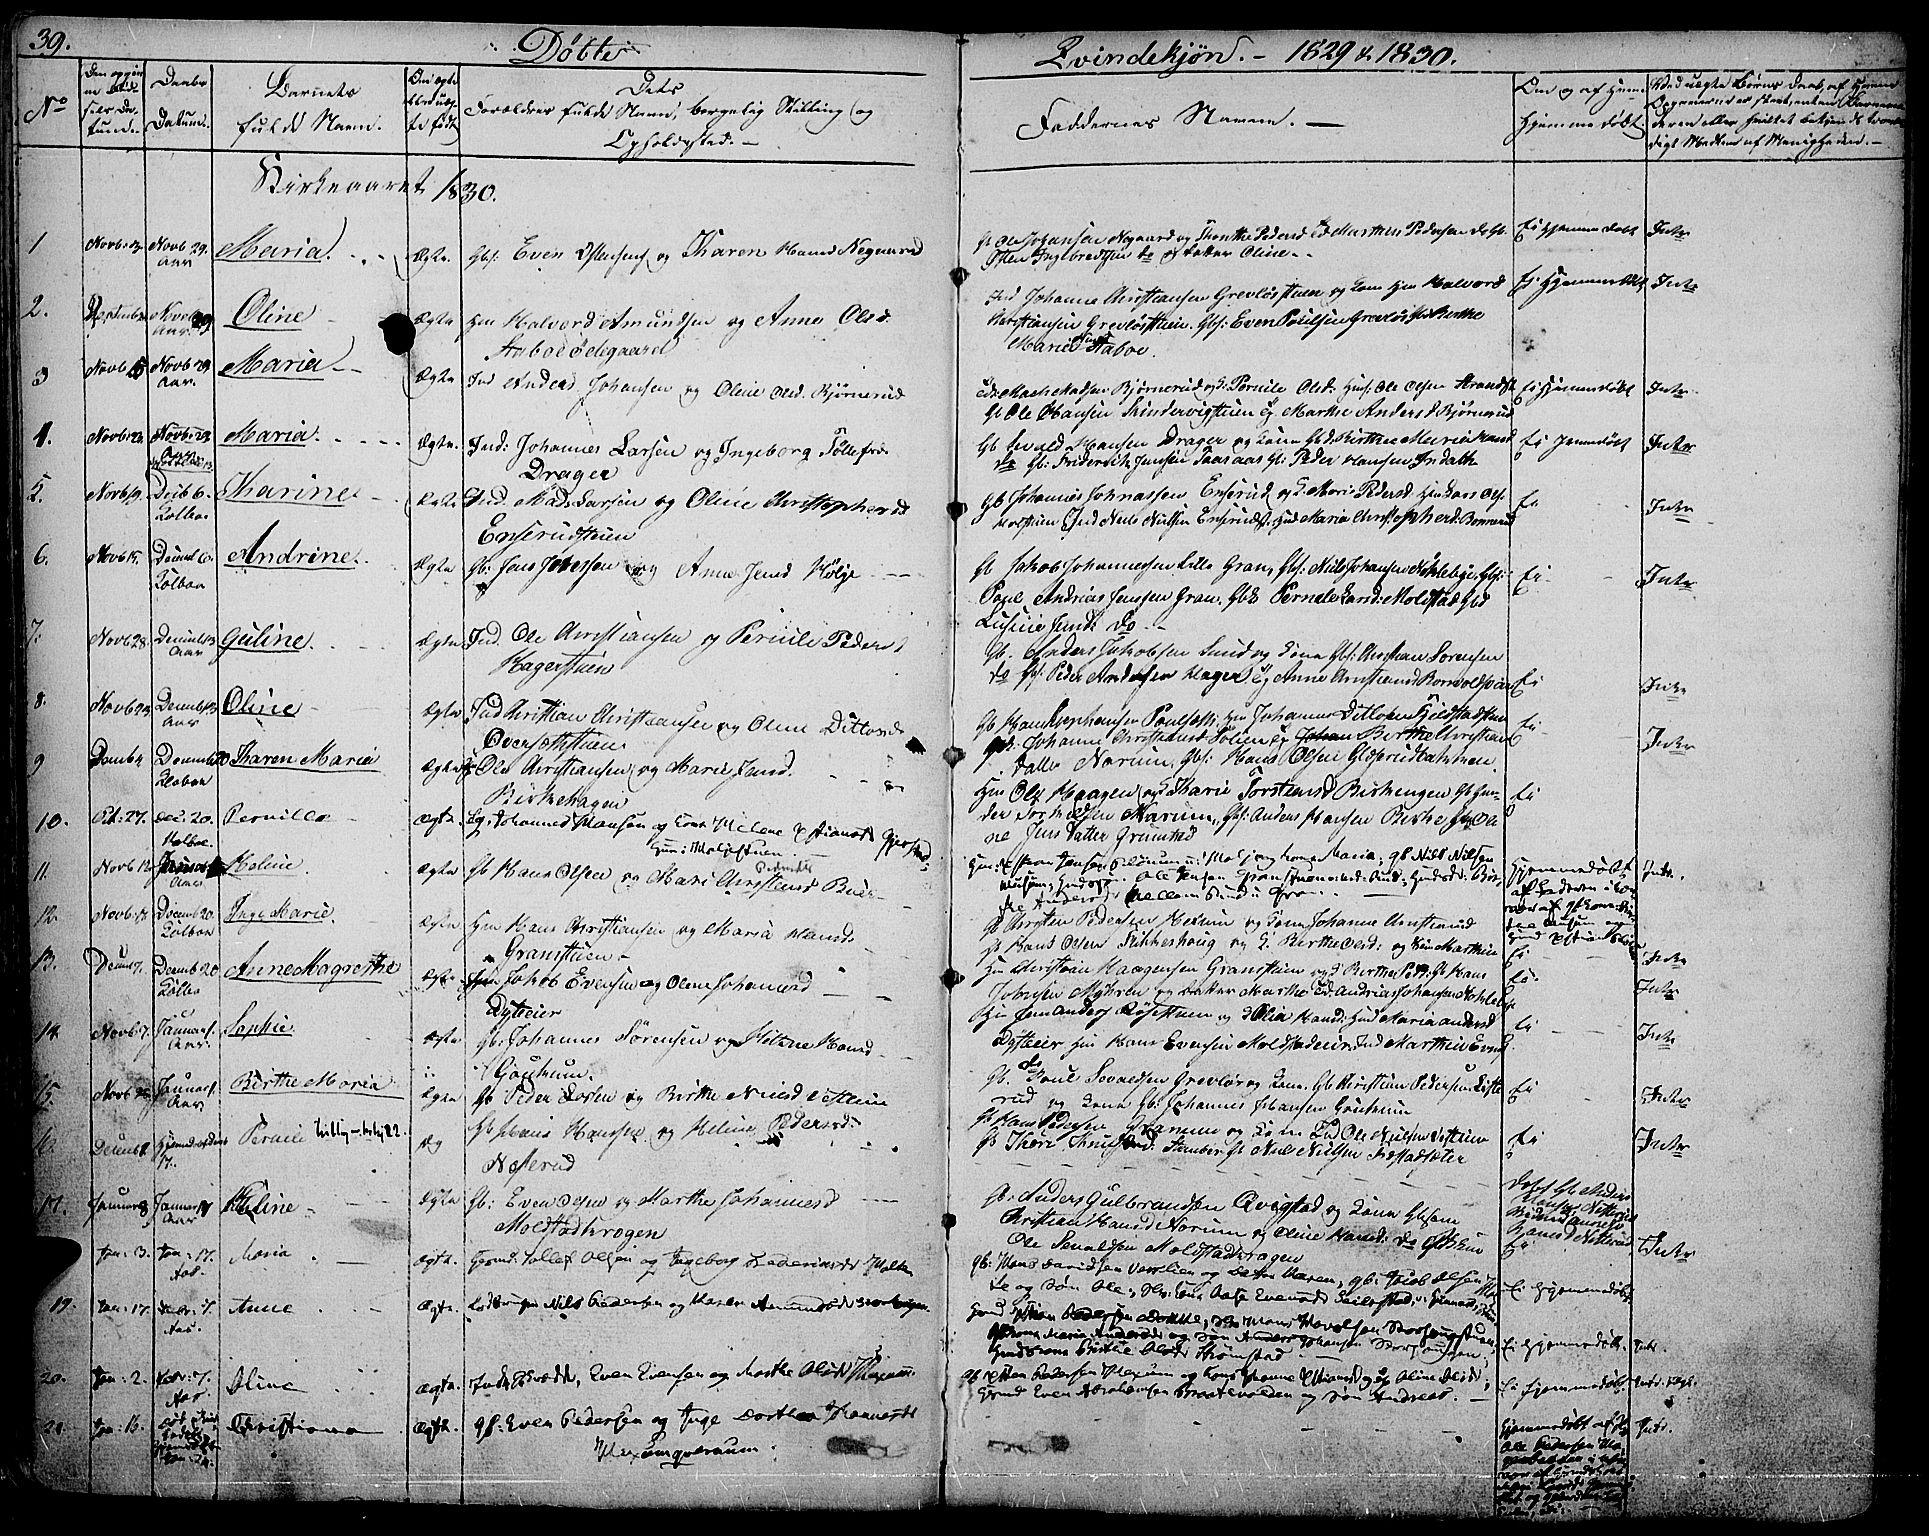 SAH, Vestre Toten prestekontor, Ministerialbok nr. 2, 1825-1837, s. 39